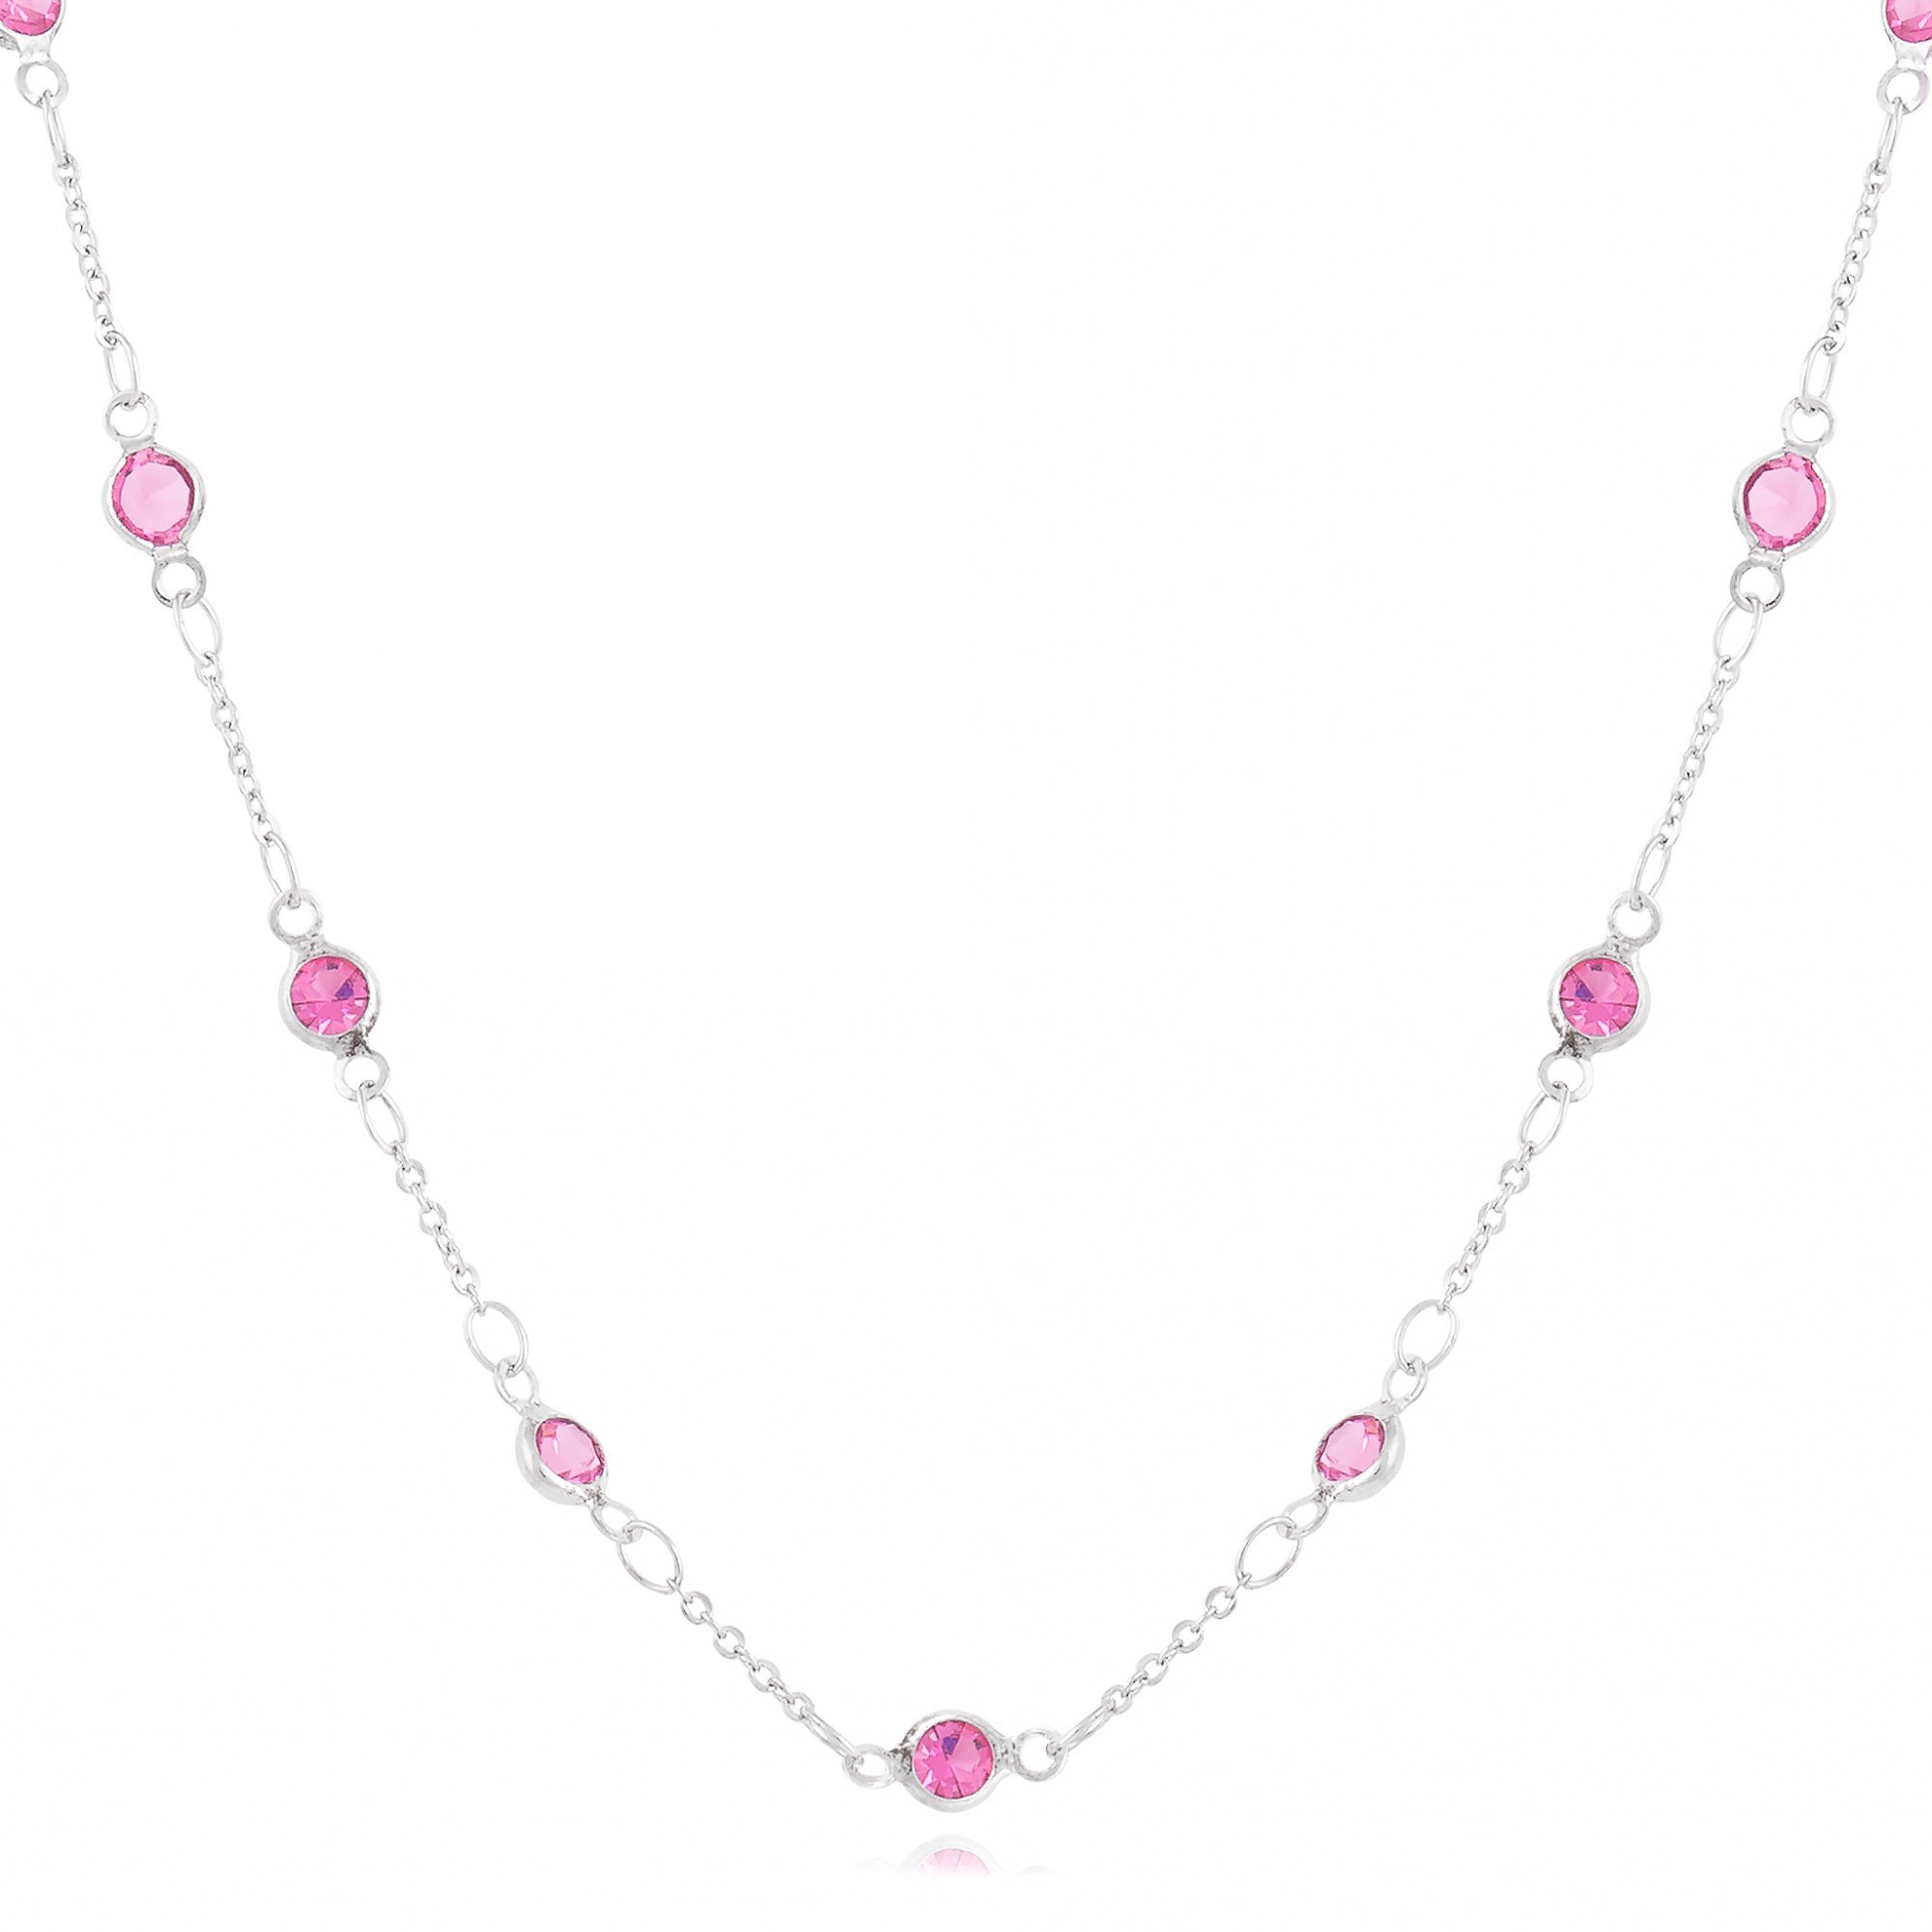 Colar cristais roxos banho de ródio branco.  - romabrazil.com.br